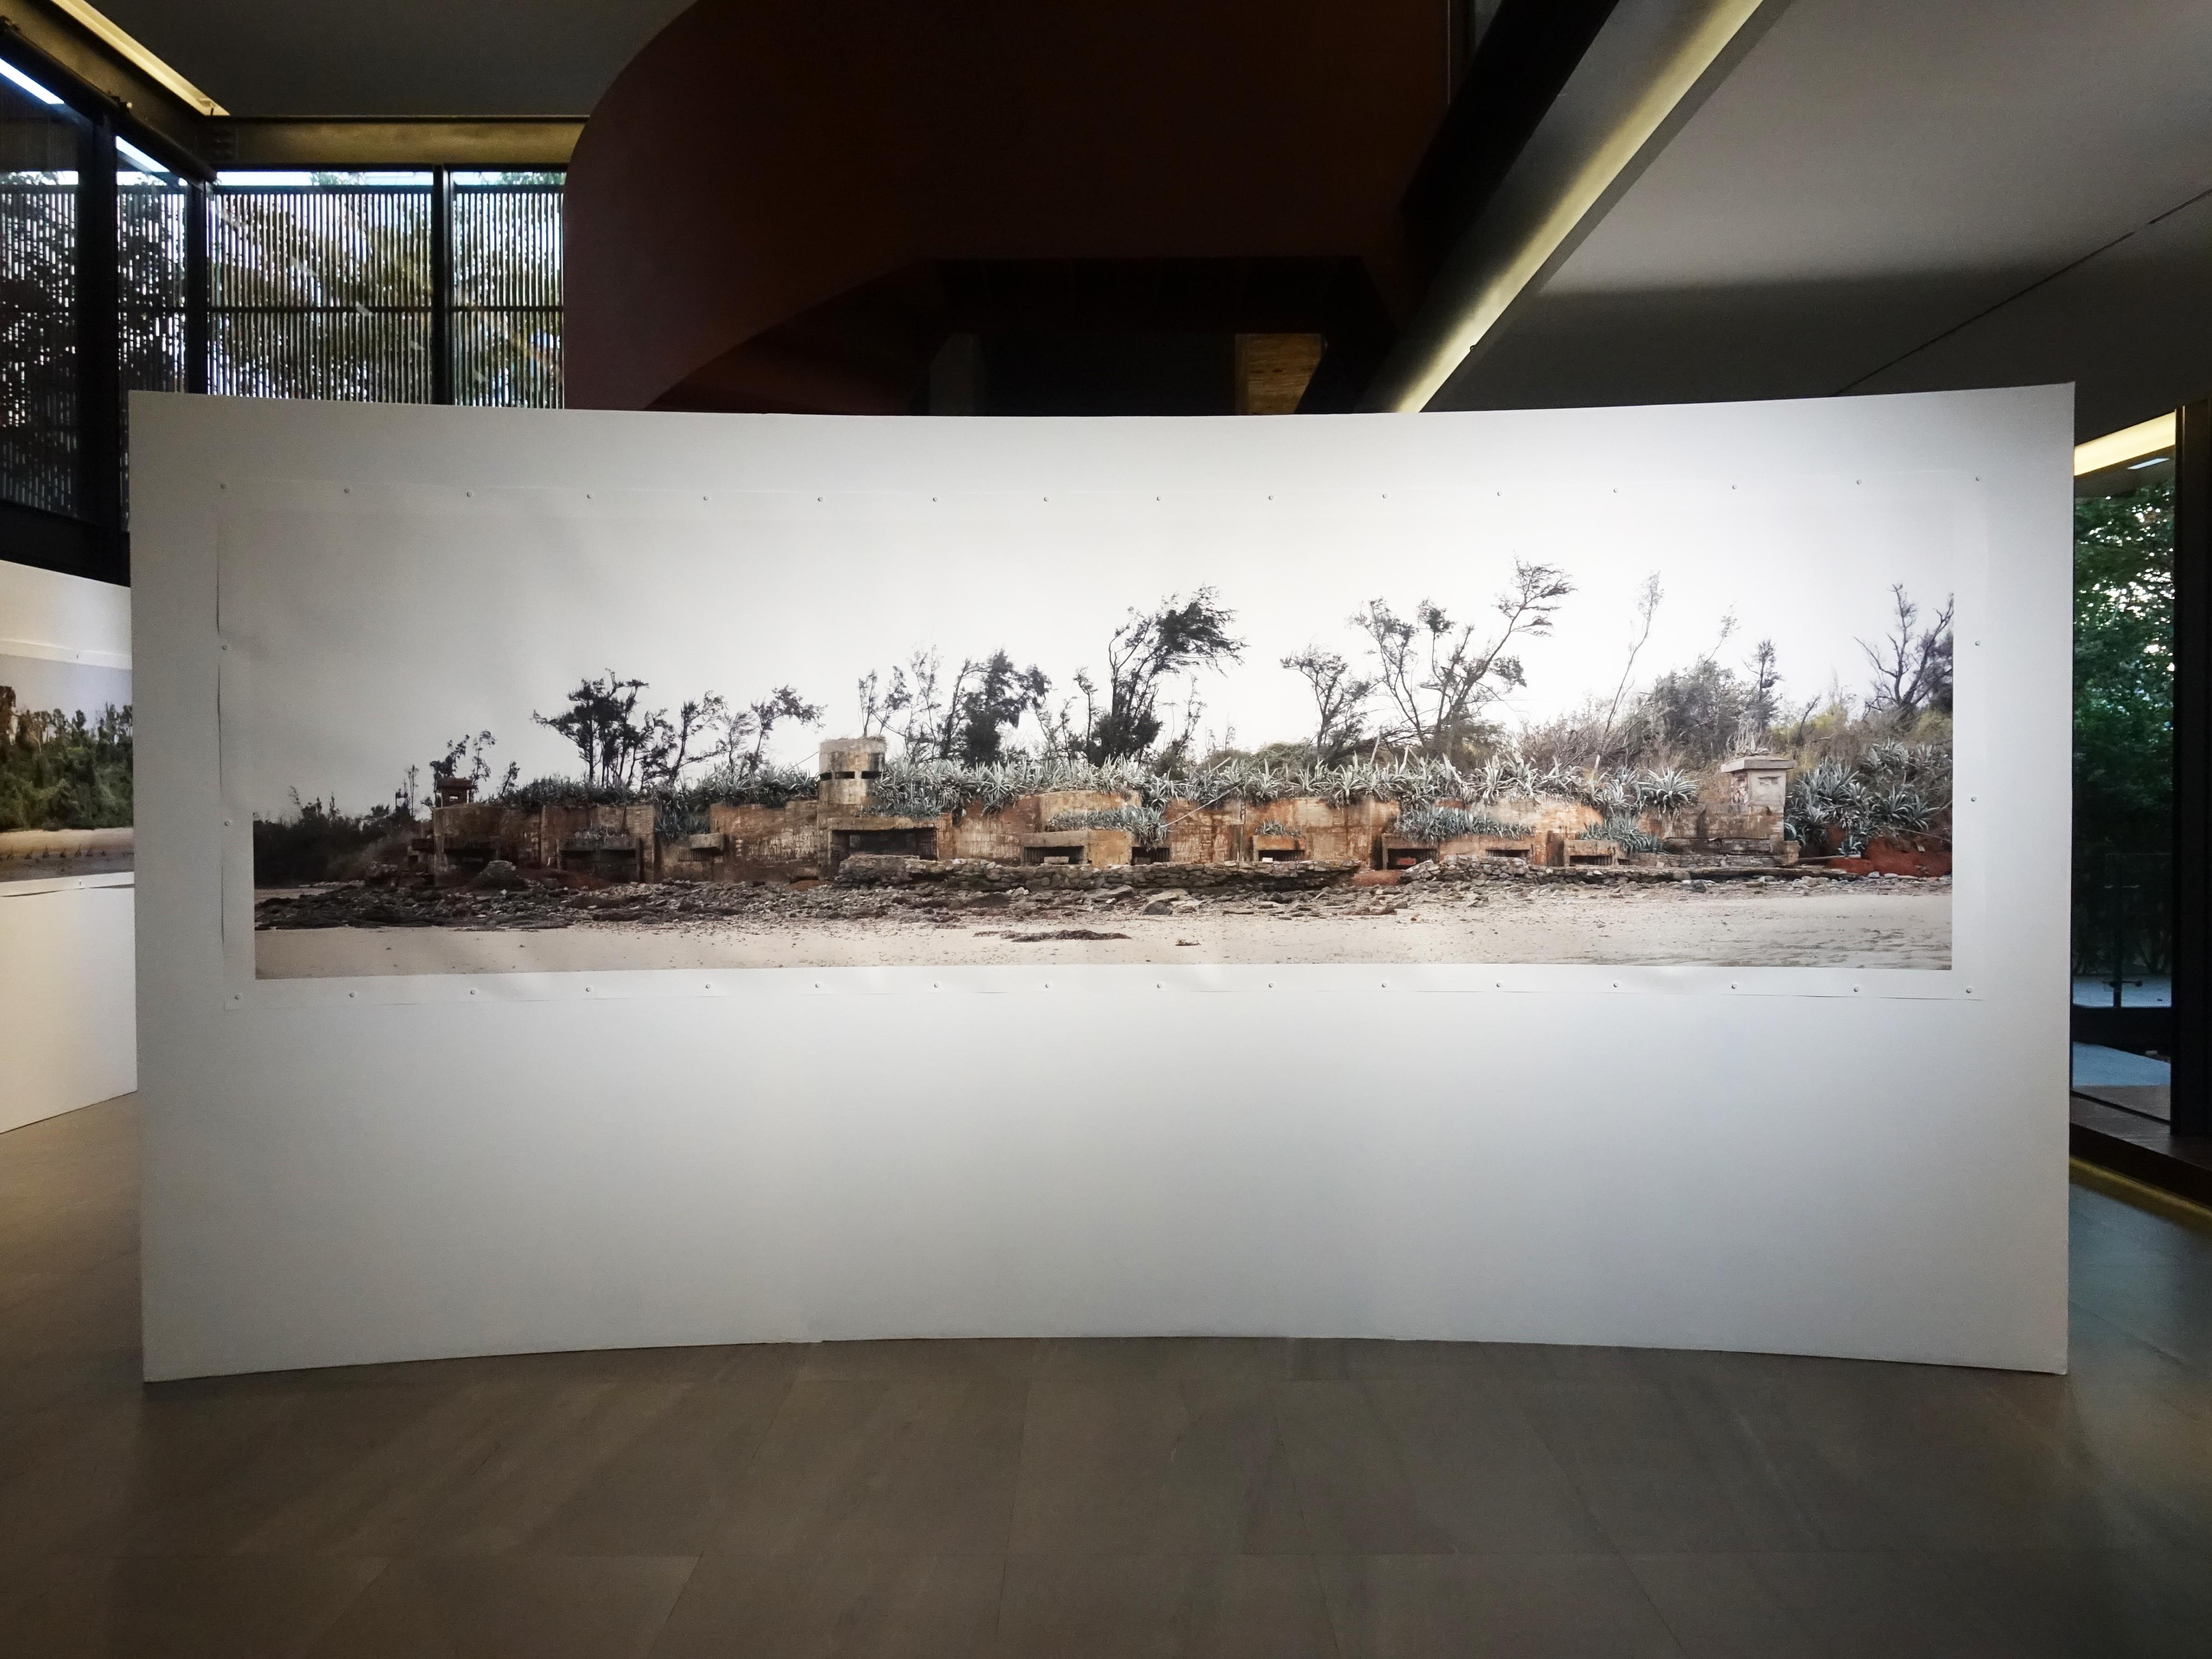 劉芸怡,《歷史造景-碉堡II》,135 X457 cm,藝術微噴在德國Hahnemühle藝術紙,2018。